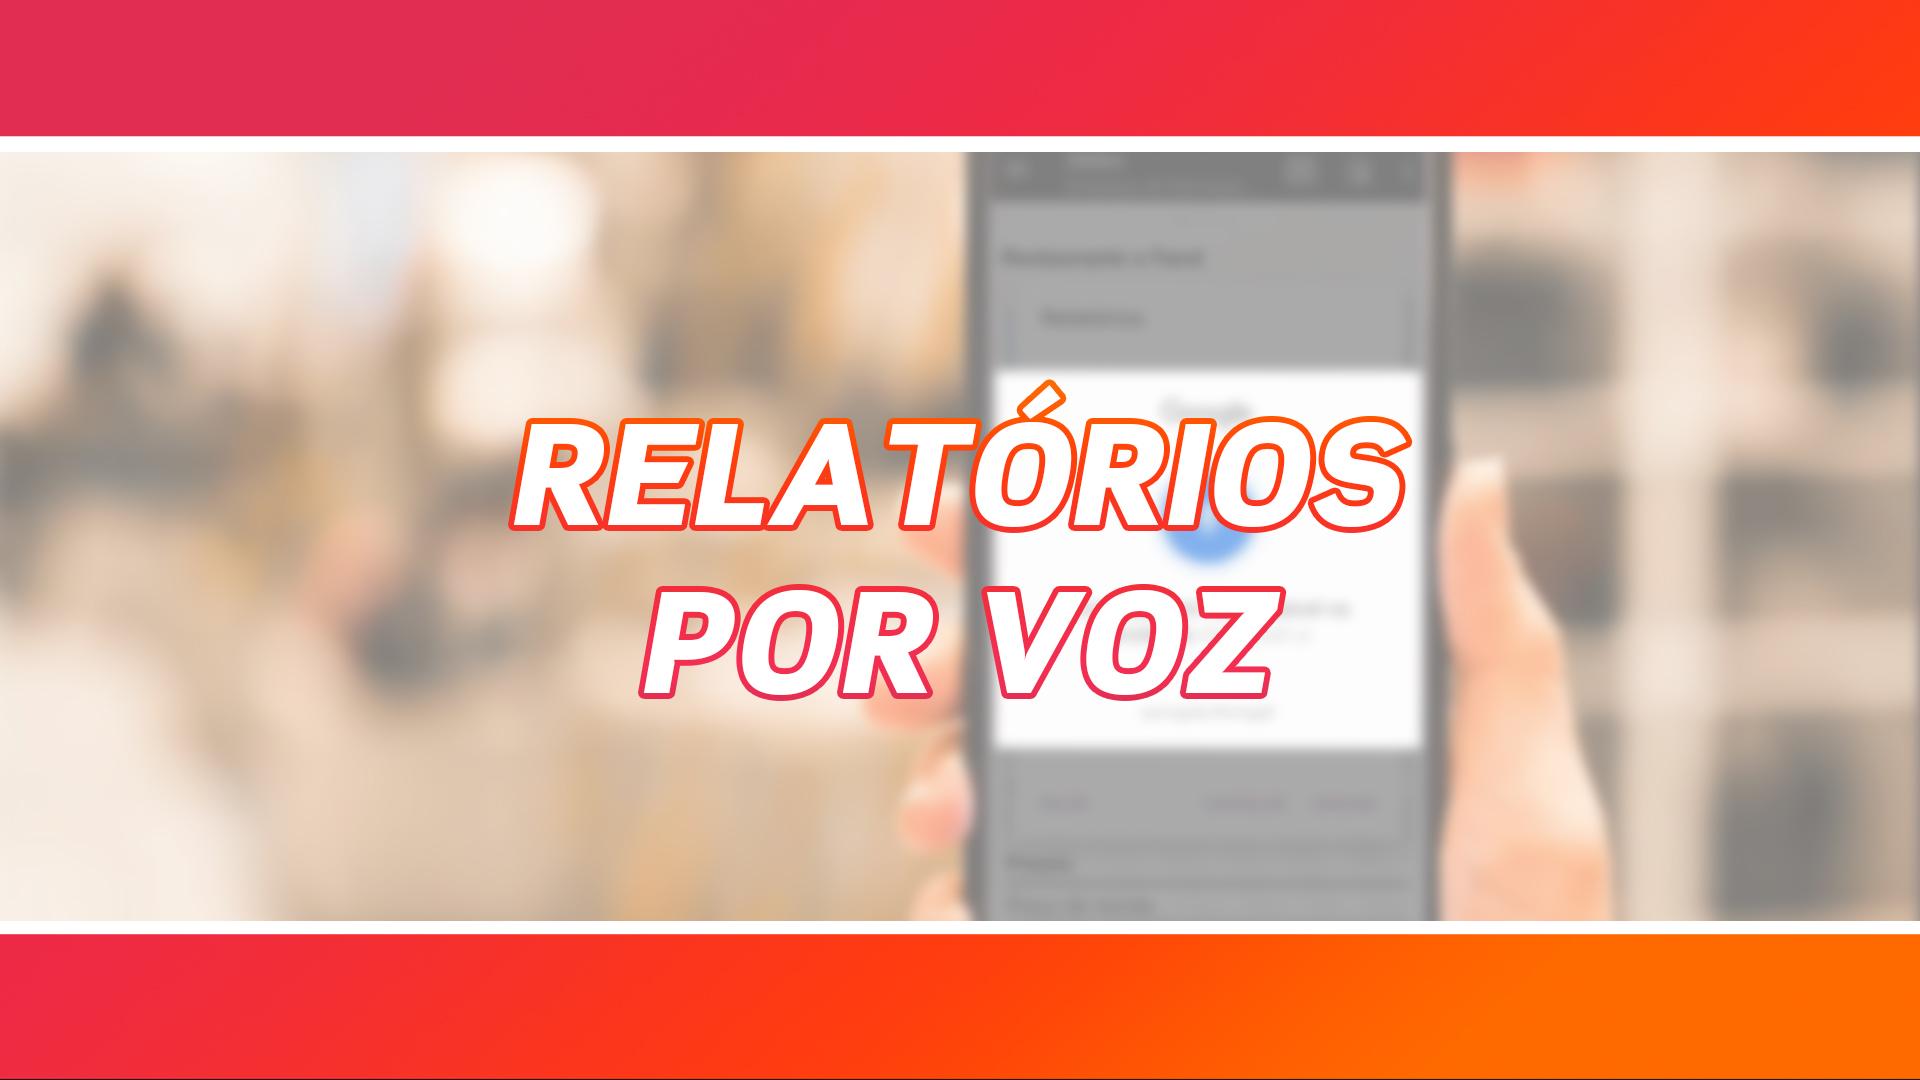 Relatórios por Voz | App Sales